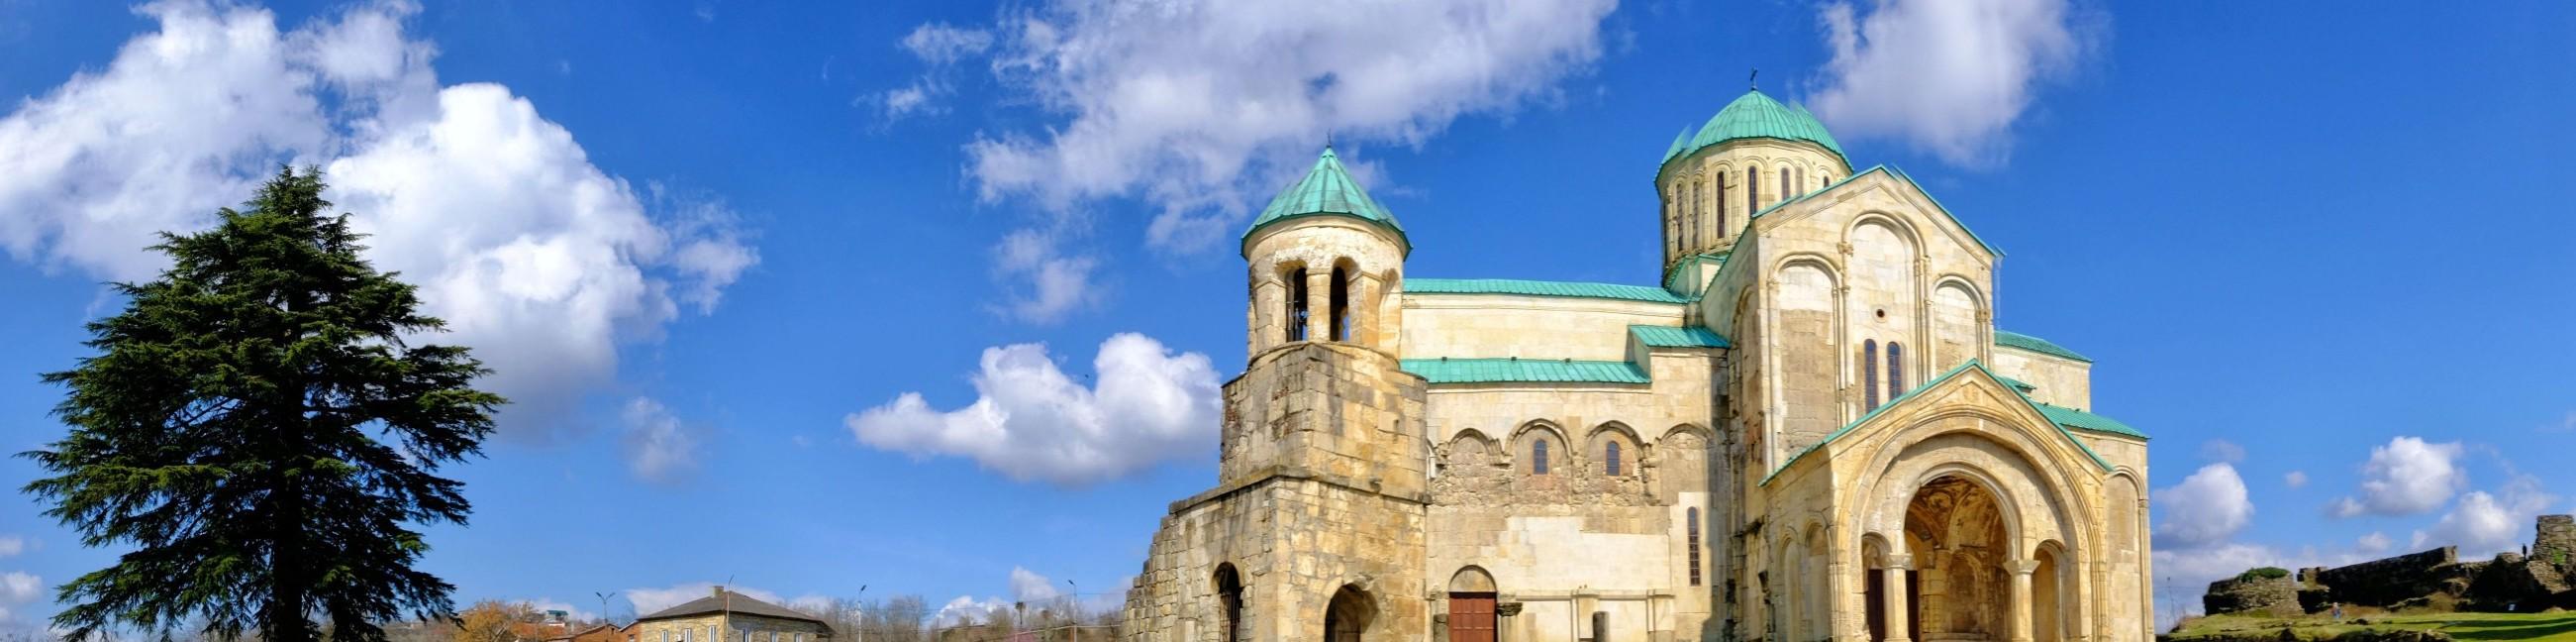 katedra Bagrata